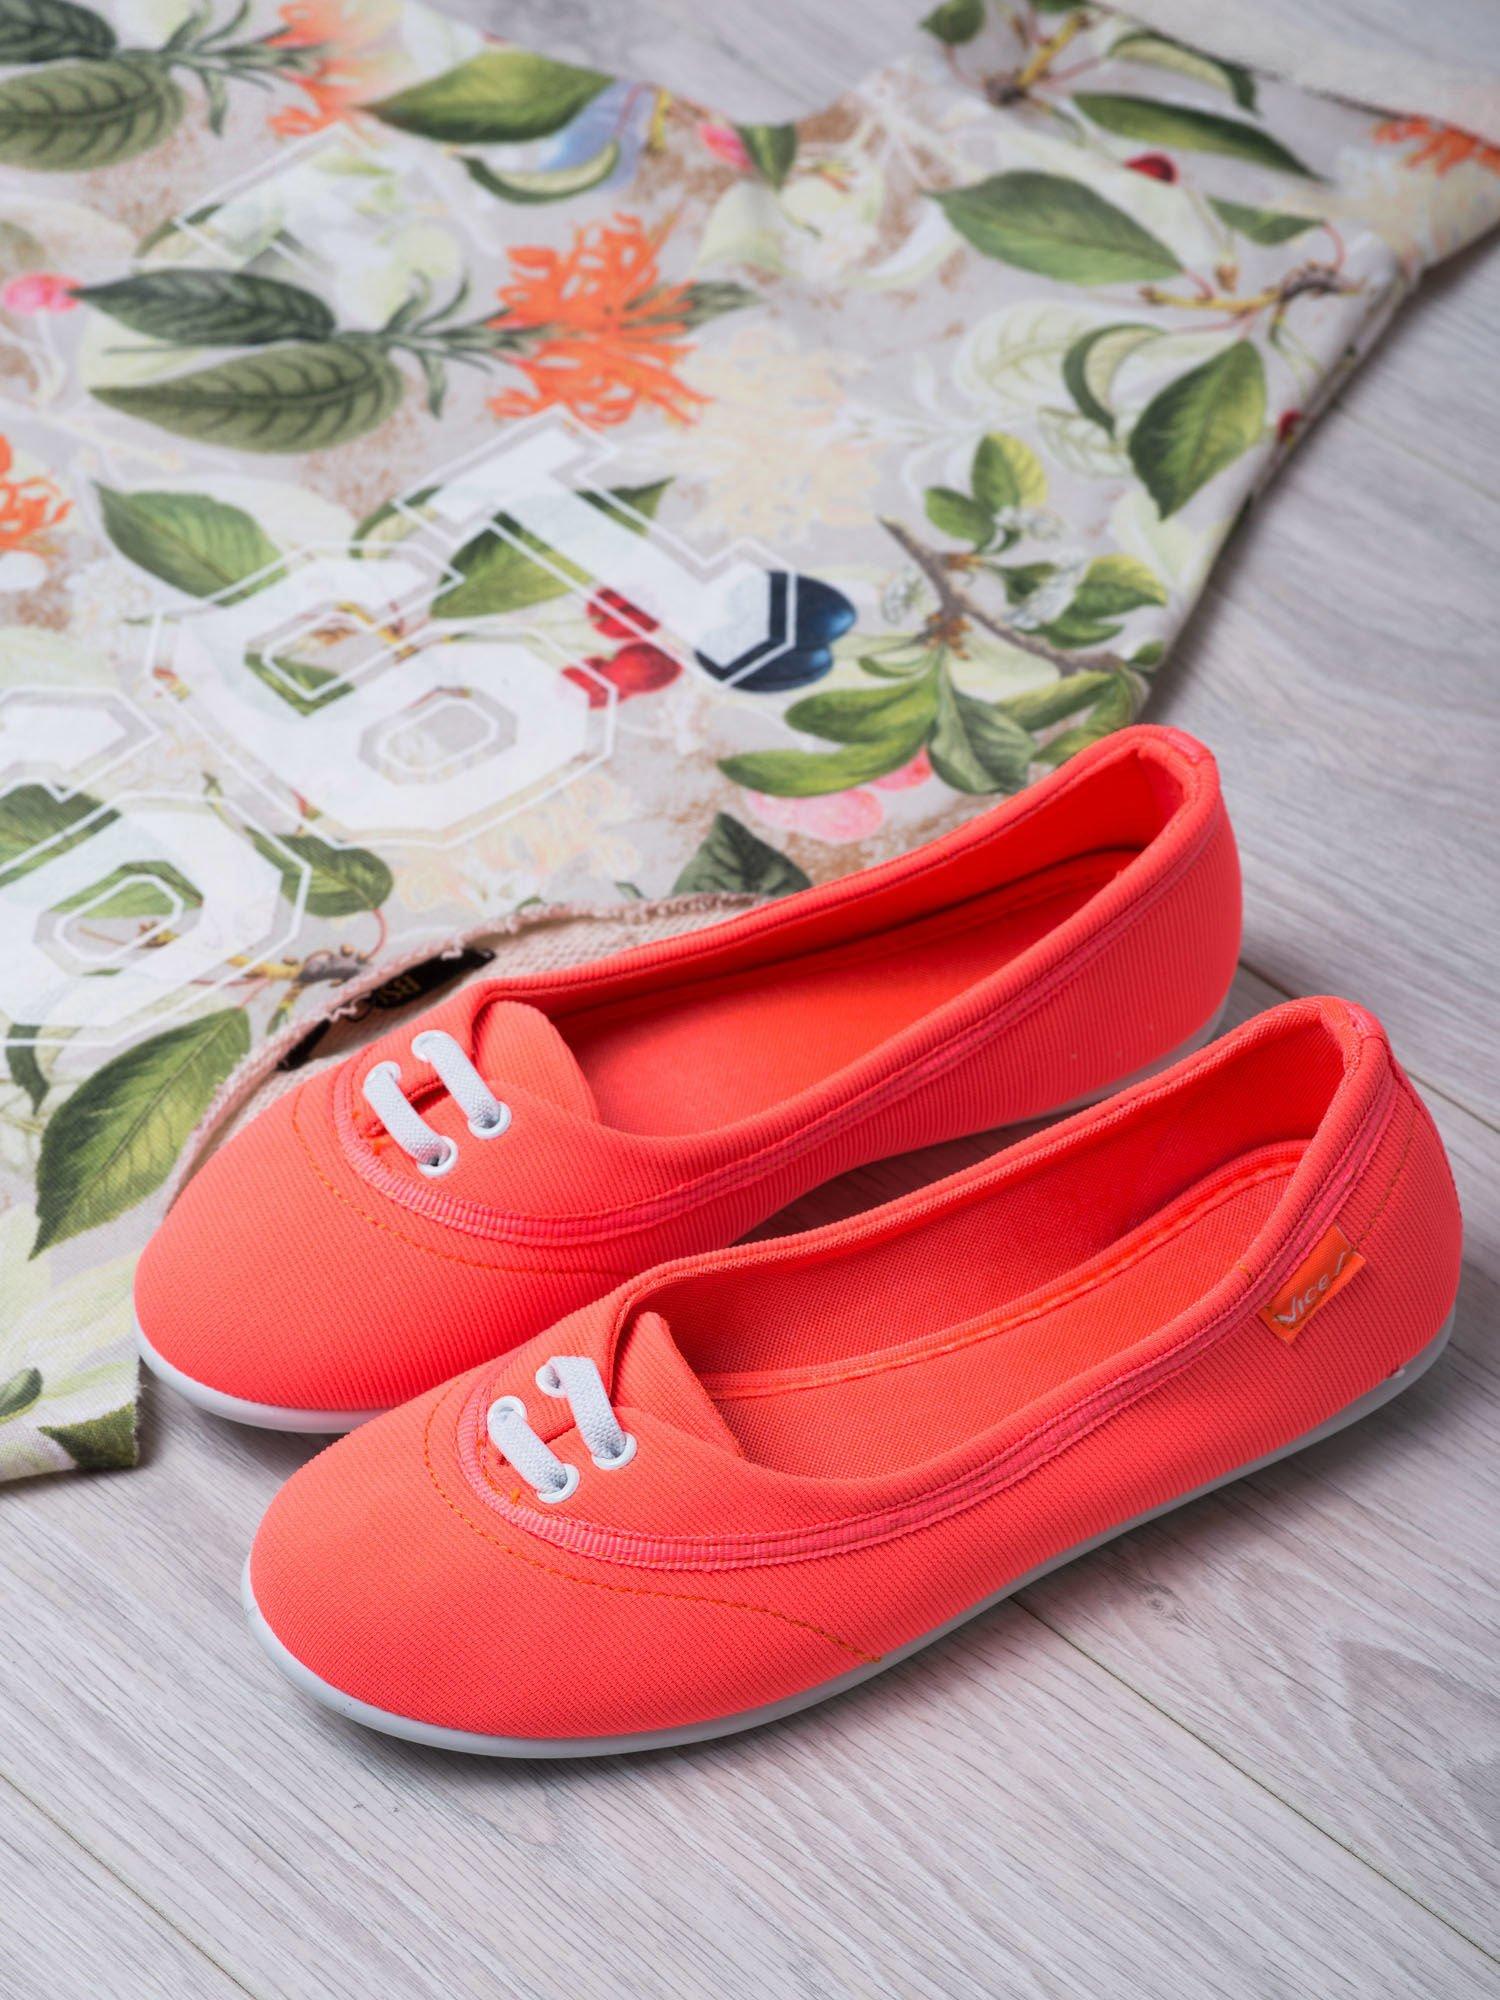 Pomarańczowe materiałowe baleriny Cushy Court ze sznurówkami i białą podeszwą                                  zdj.                                  1